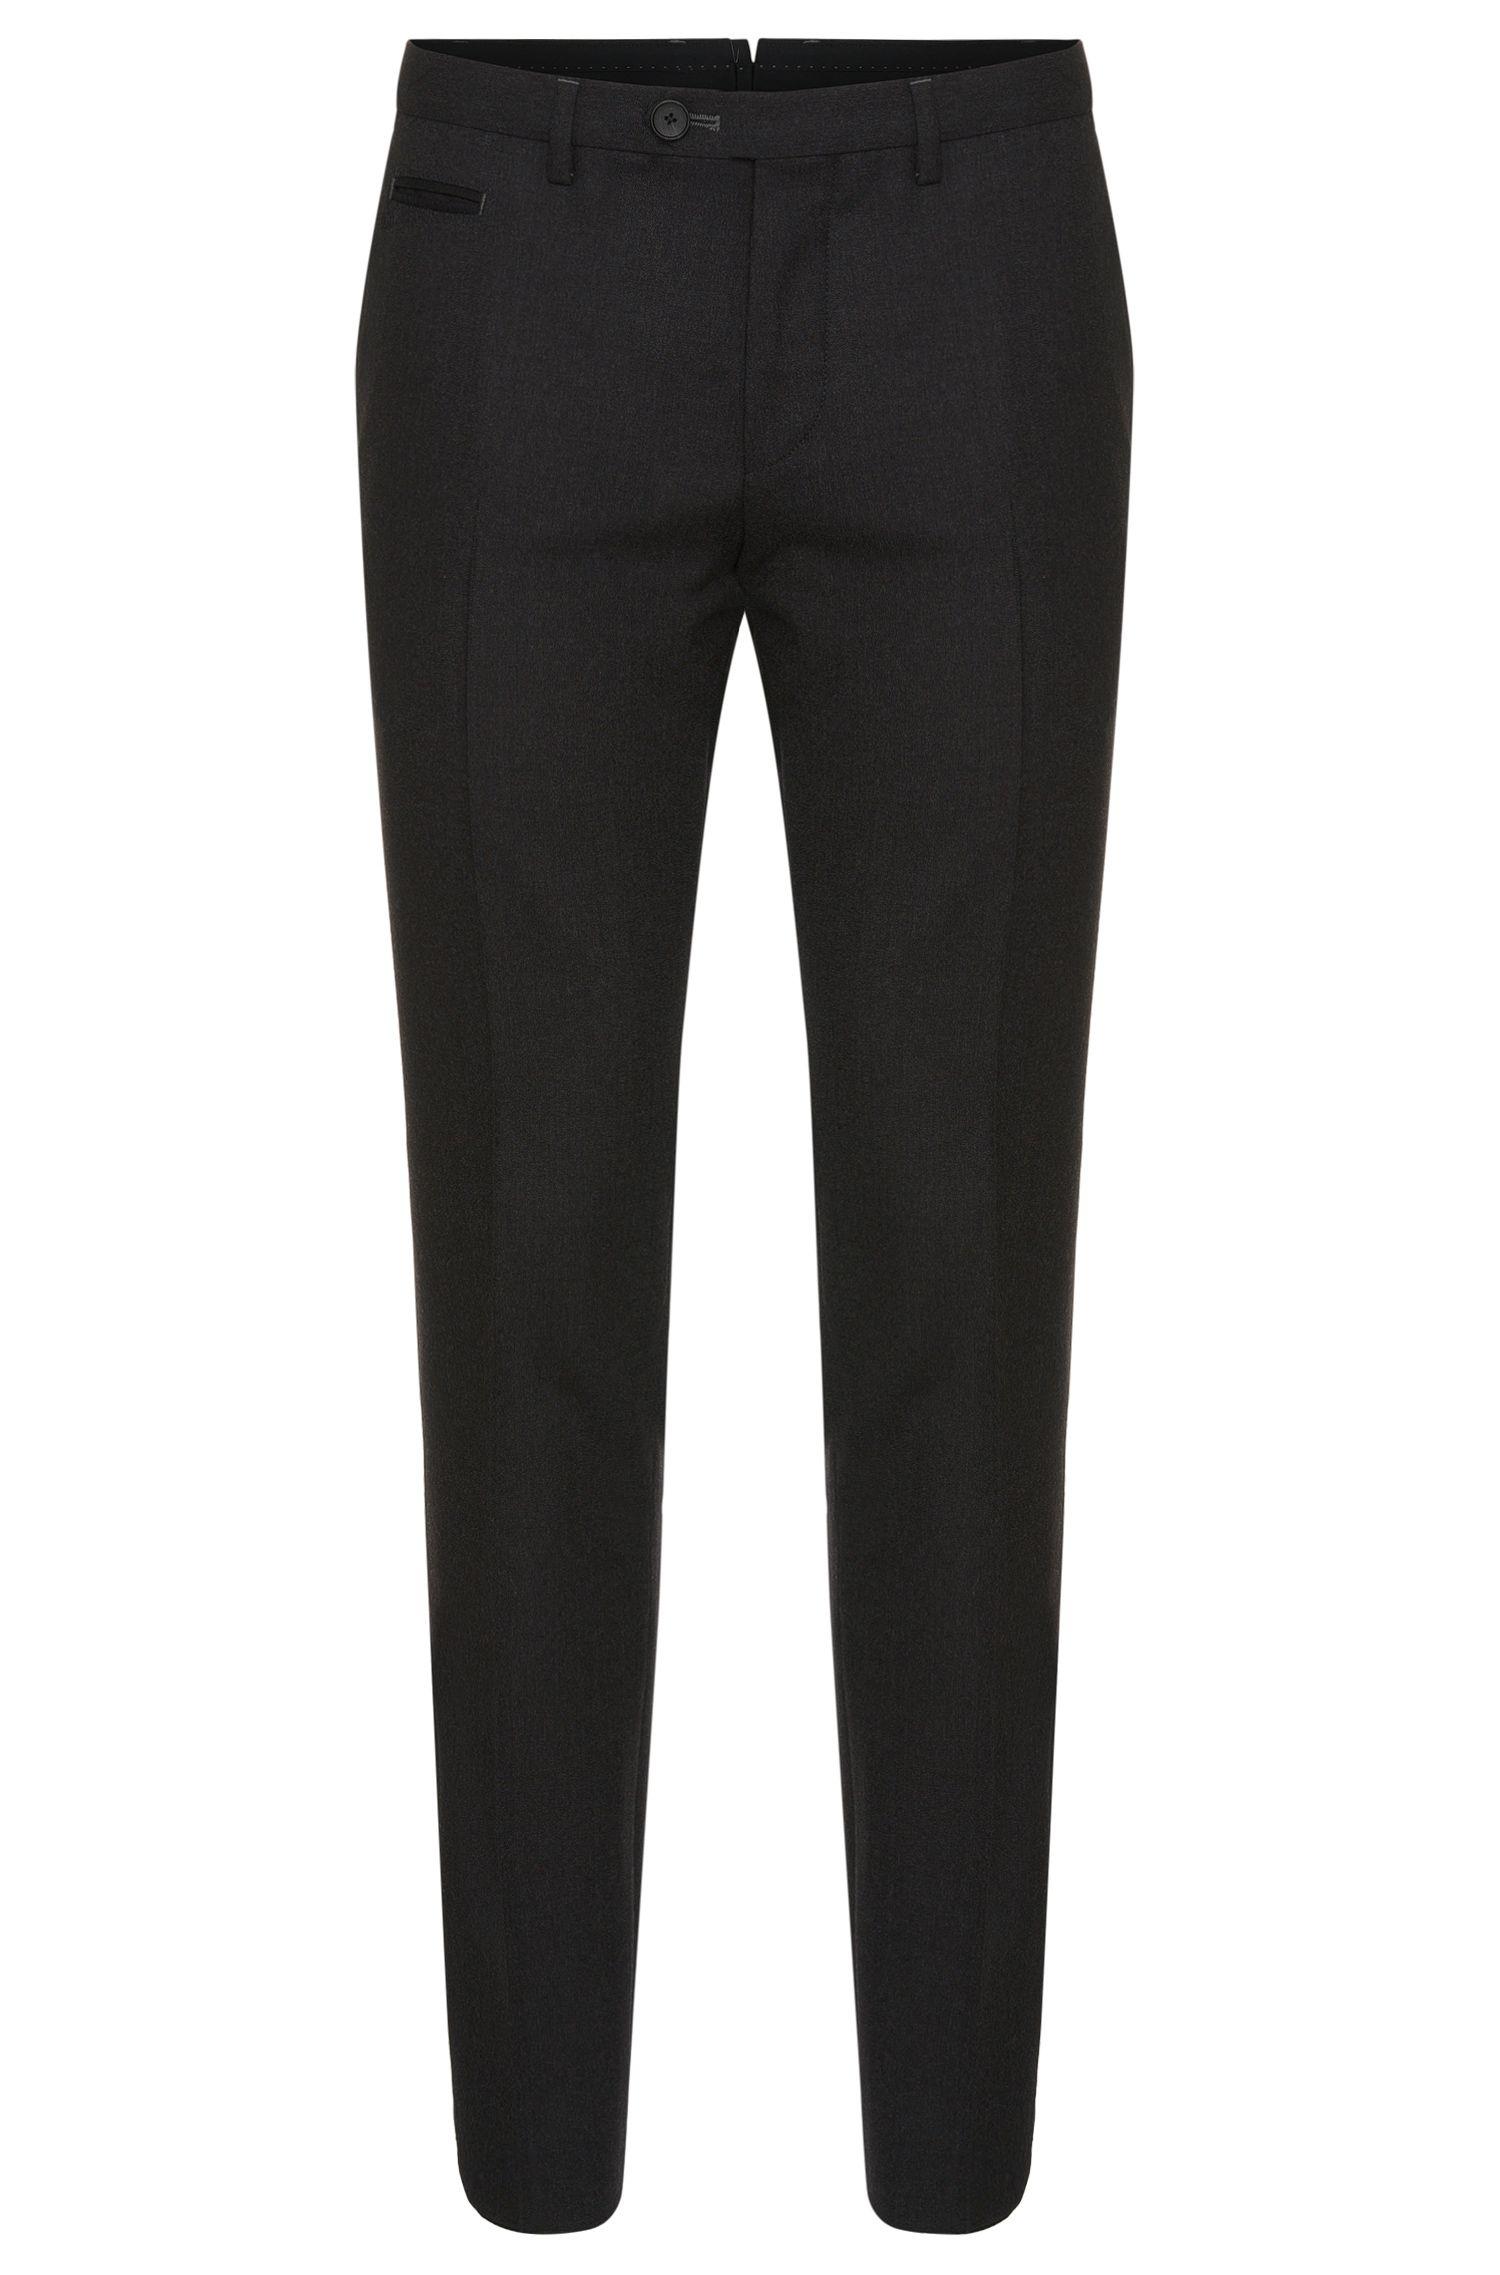 'Wilhelm' | Extra Slim Fit, Virgin Wool Dress Pants